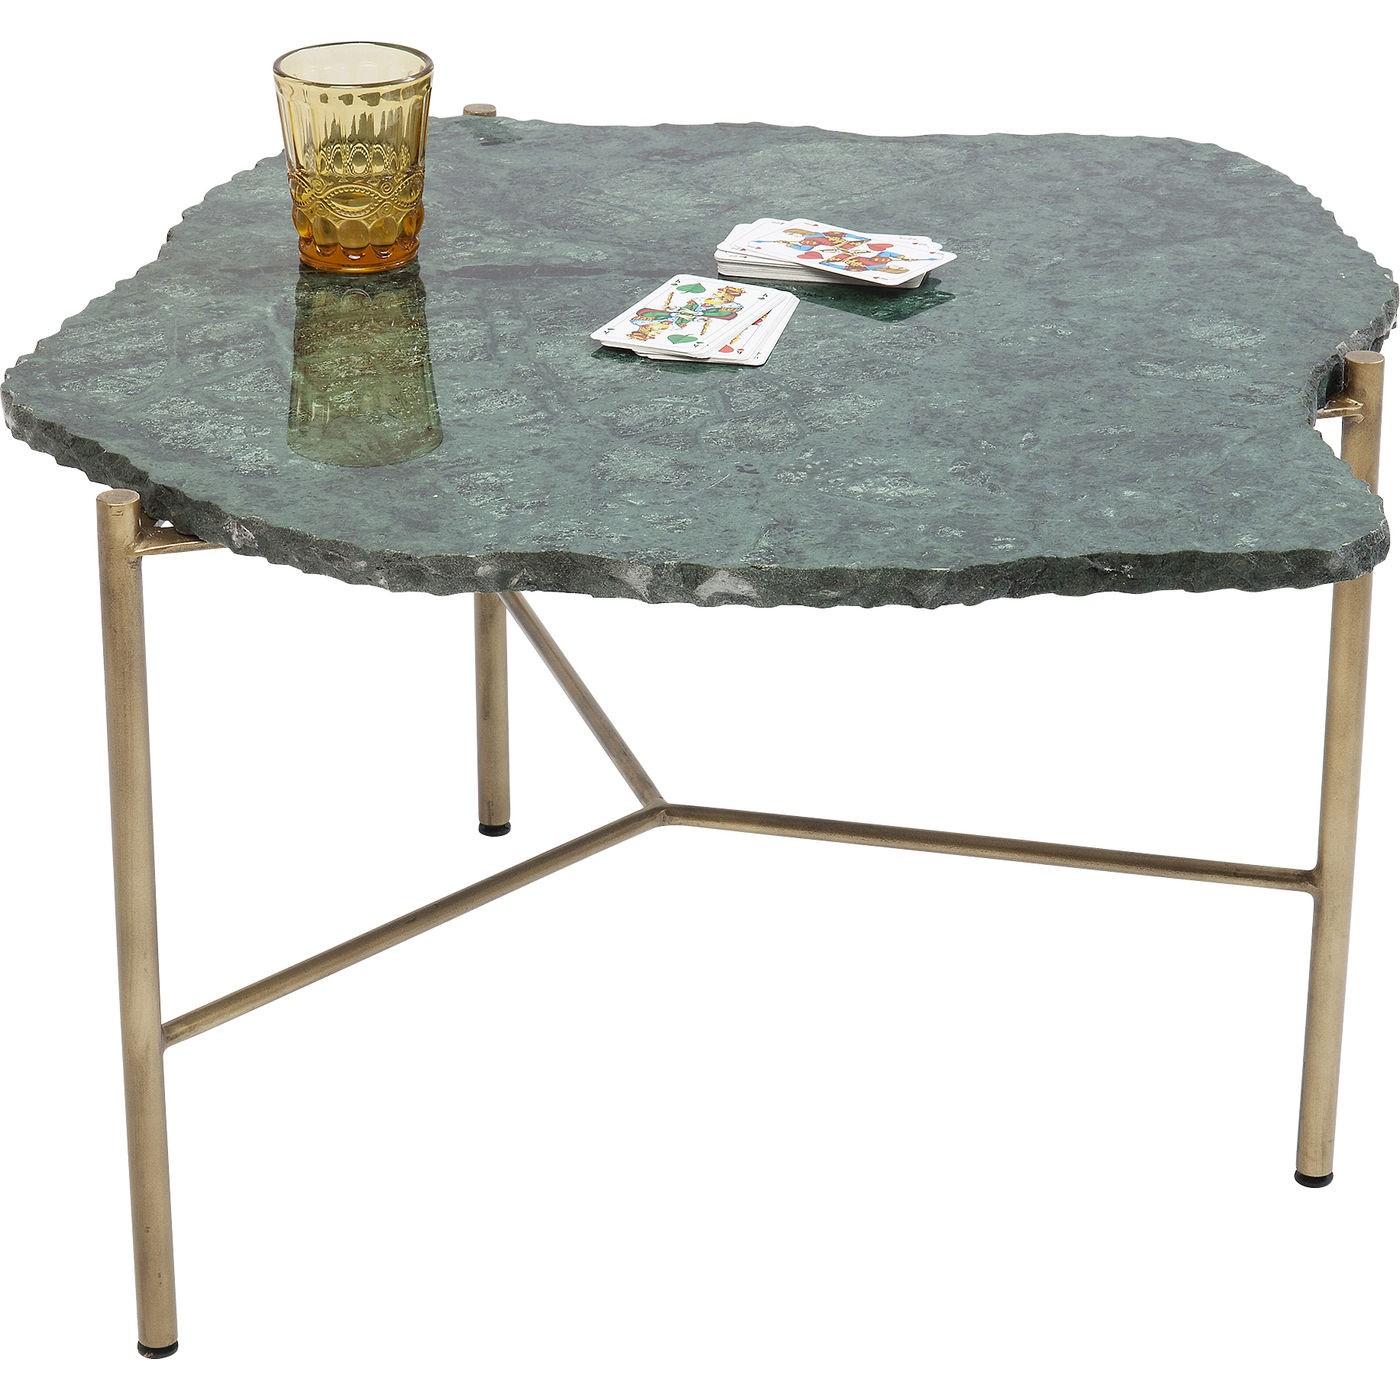 Table basse en marbre vert et acier